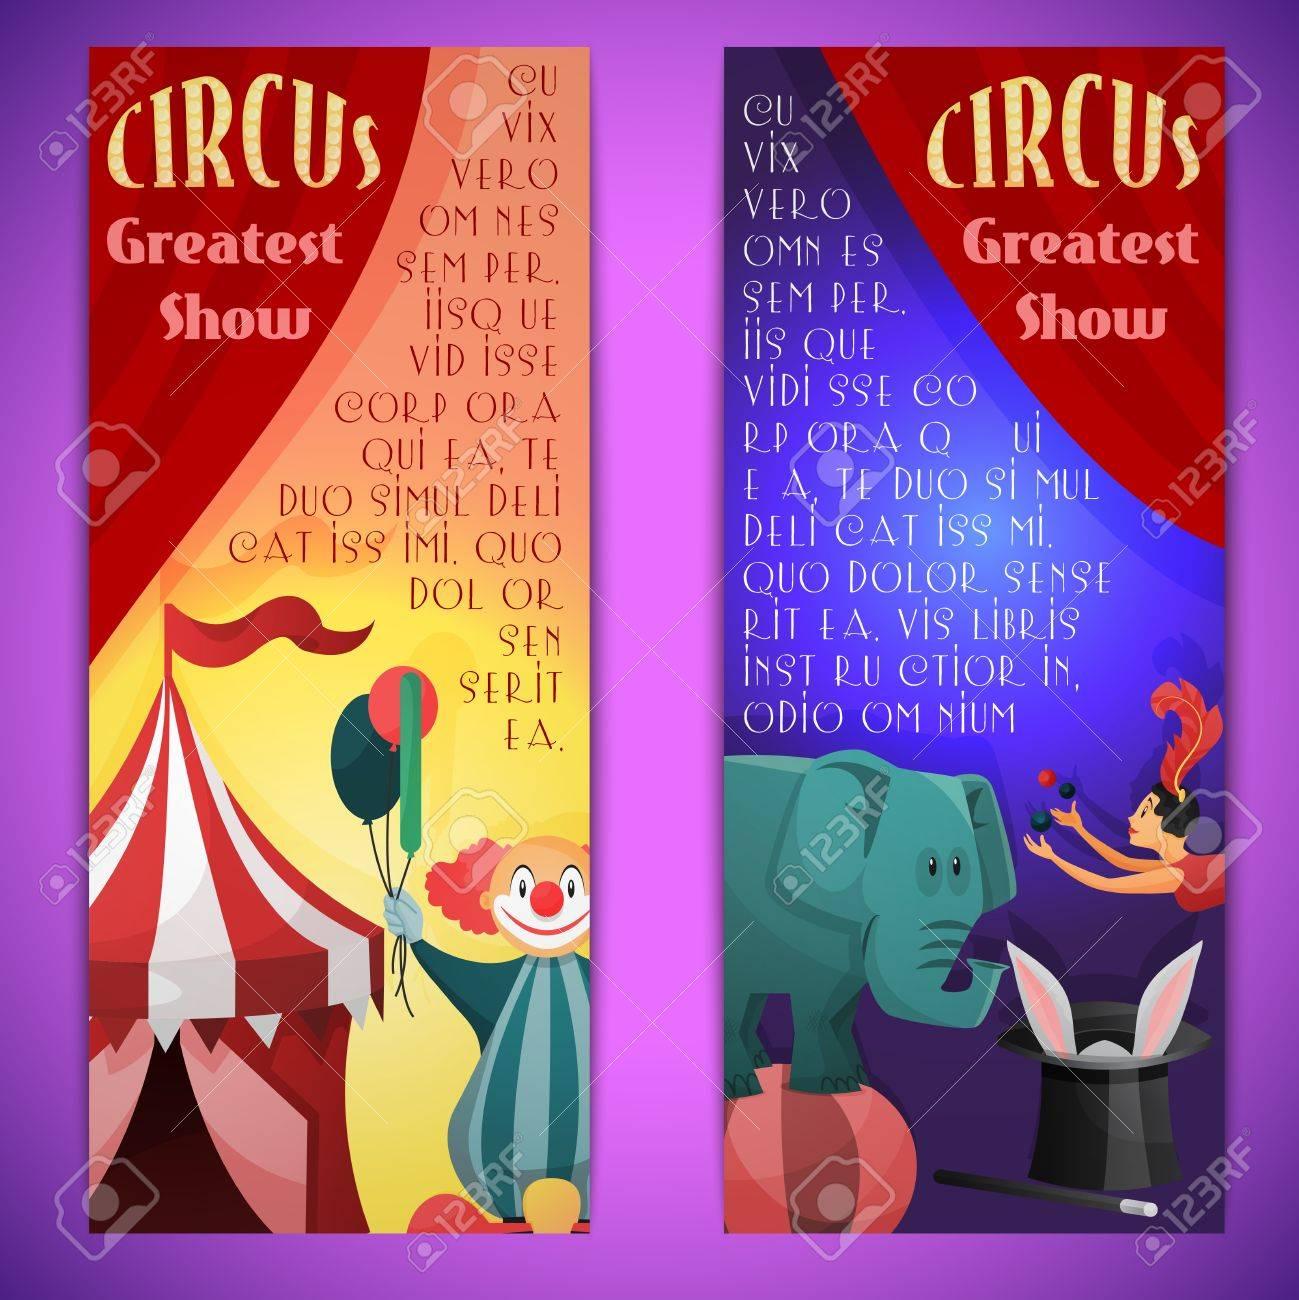 Cirque Plus Grand Spectacle Banniere Verticale Definir Avec Les